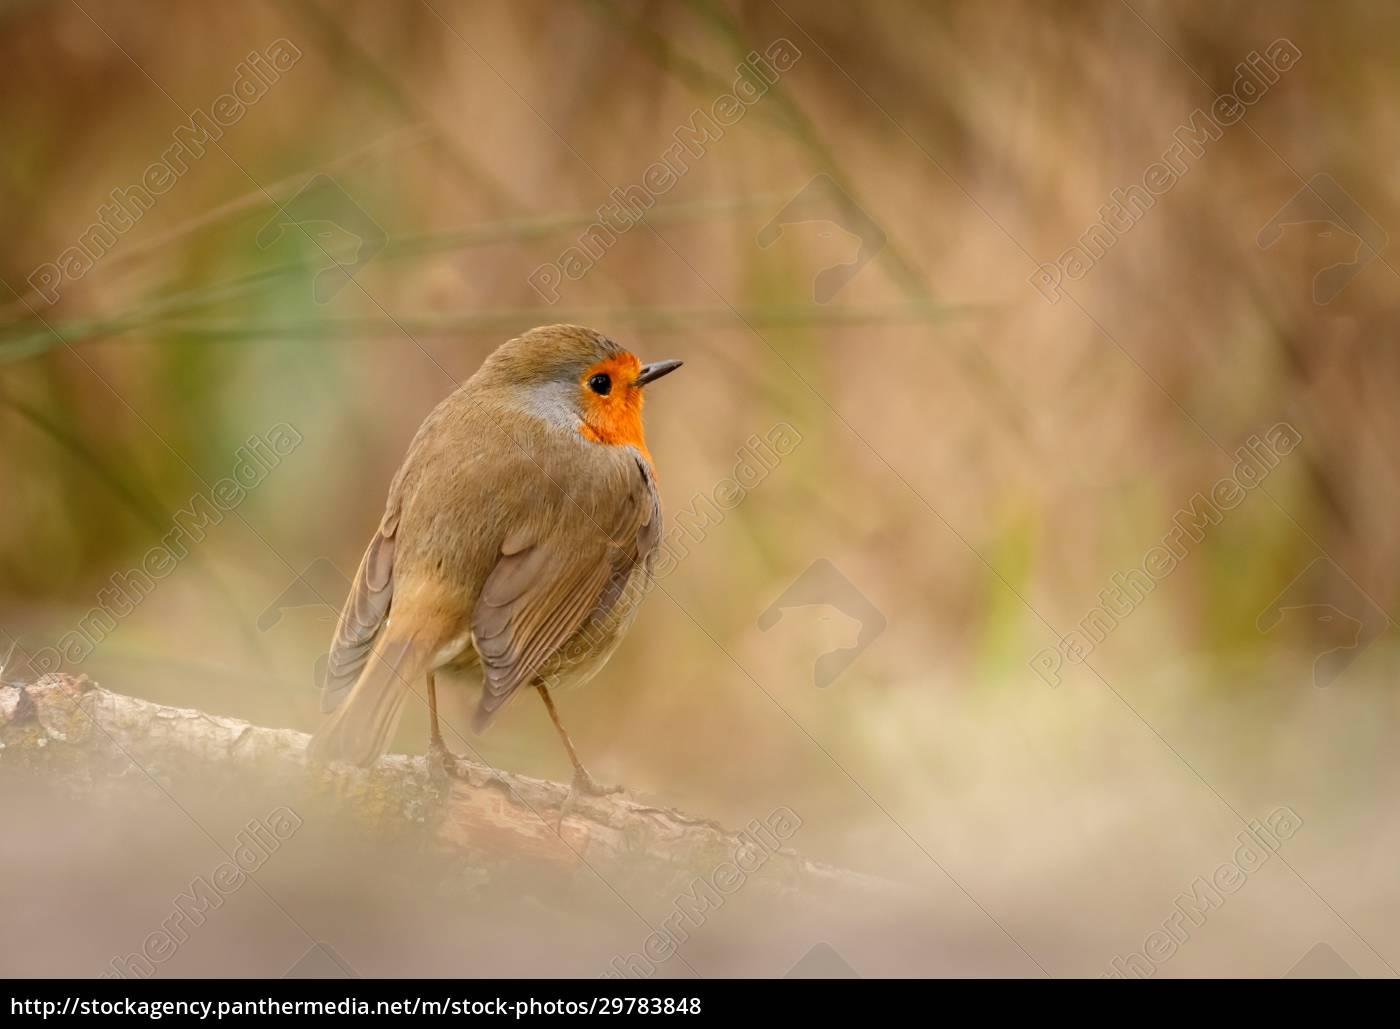 pretty, bird, with, a, nice, orange - 29783848